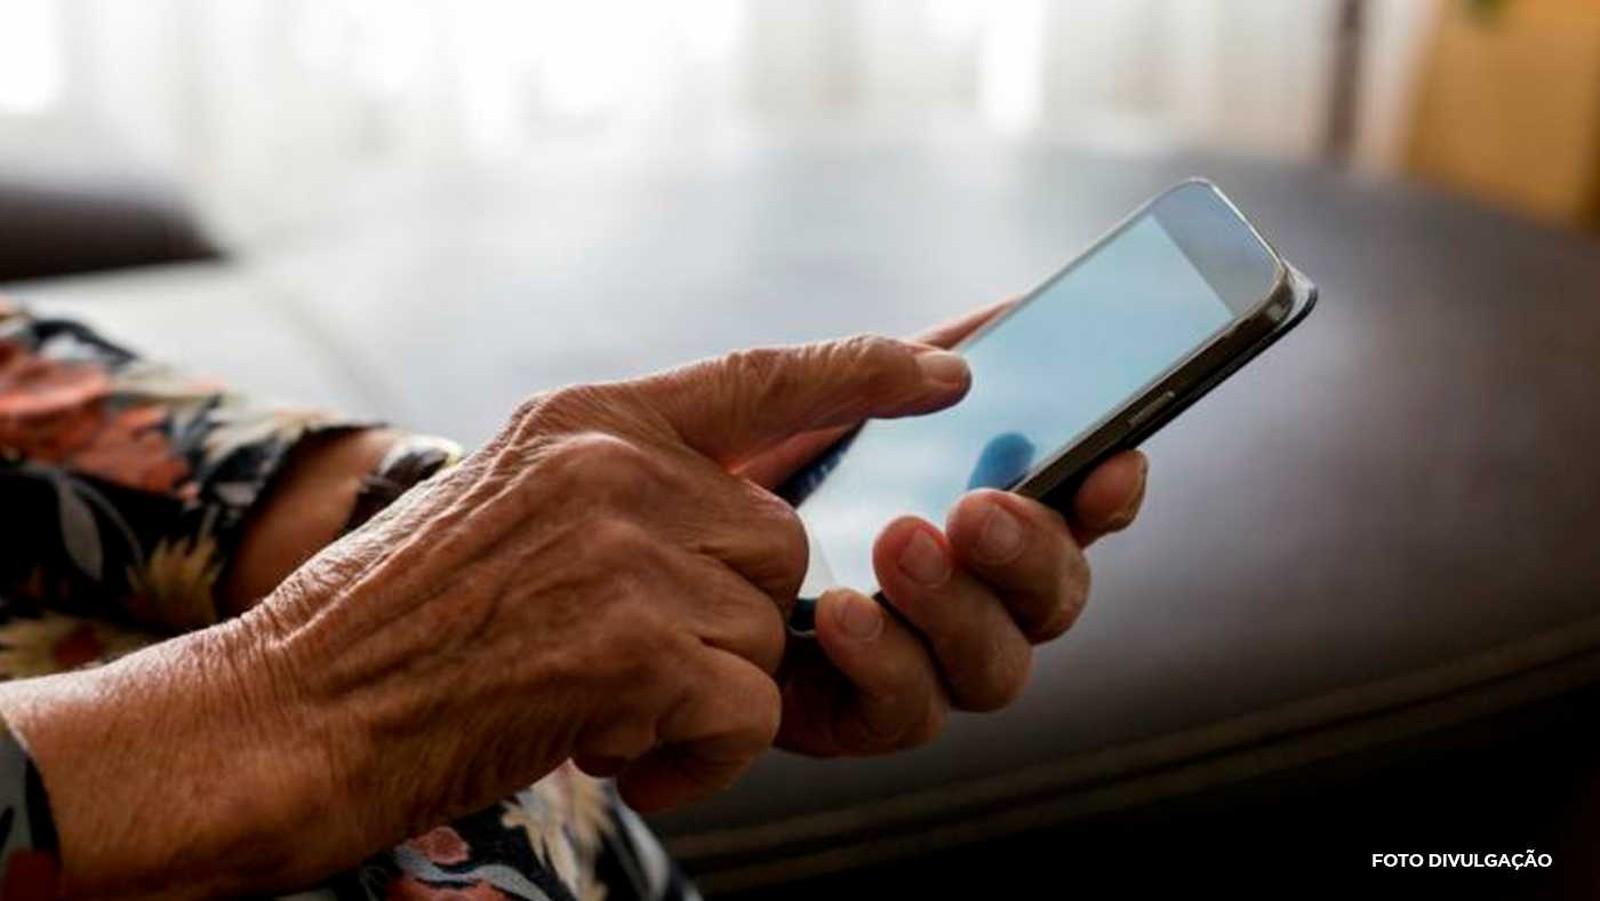 Brasil ganha 10 milhões de internautas em 1 ano, aponta IBGE